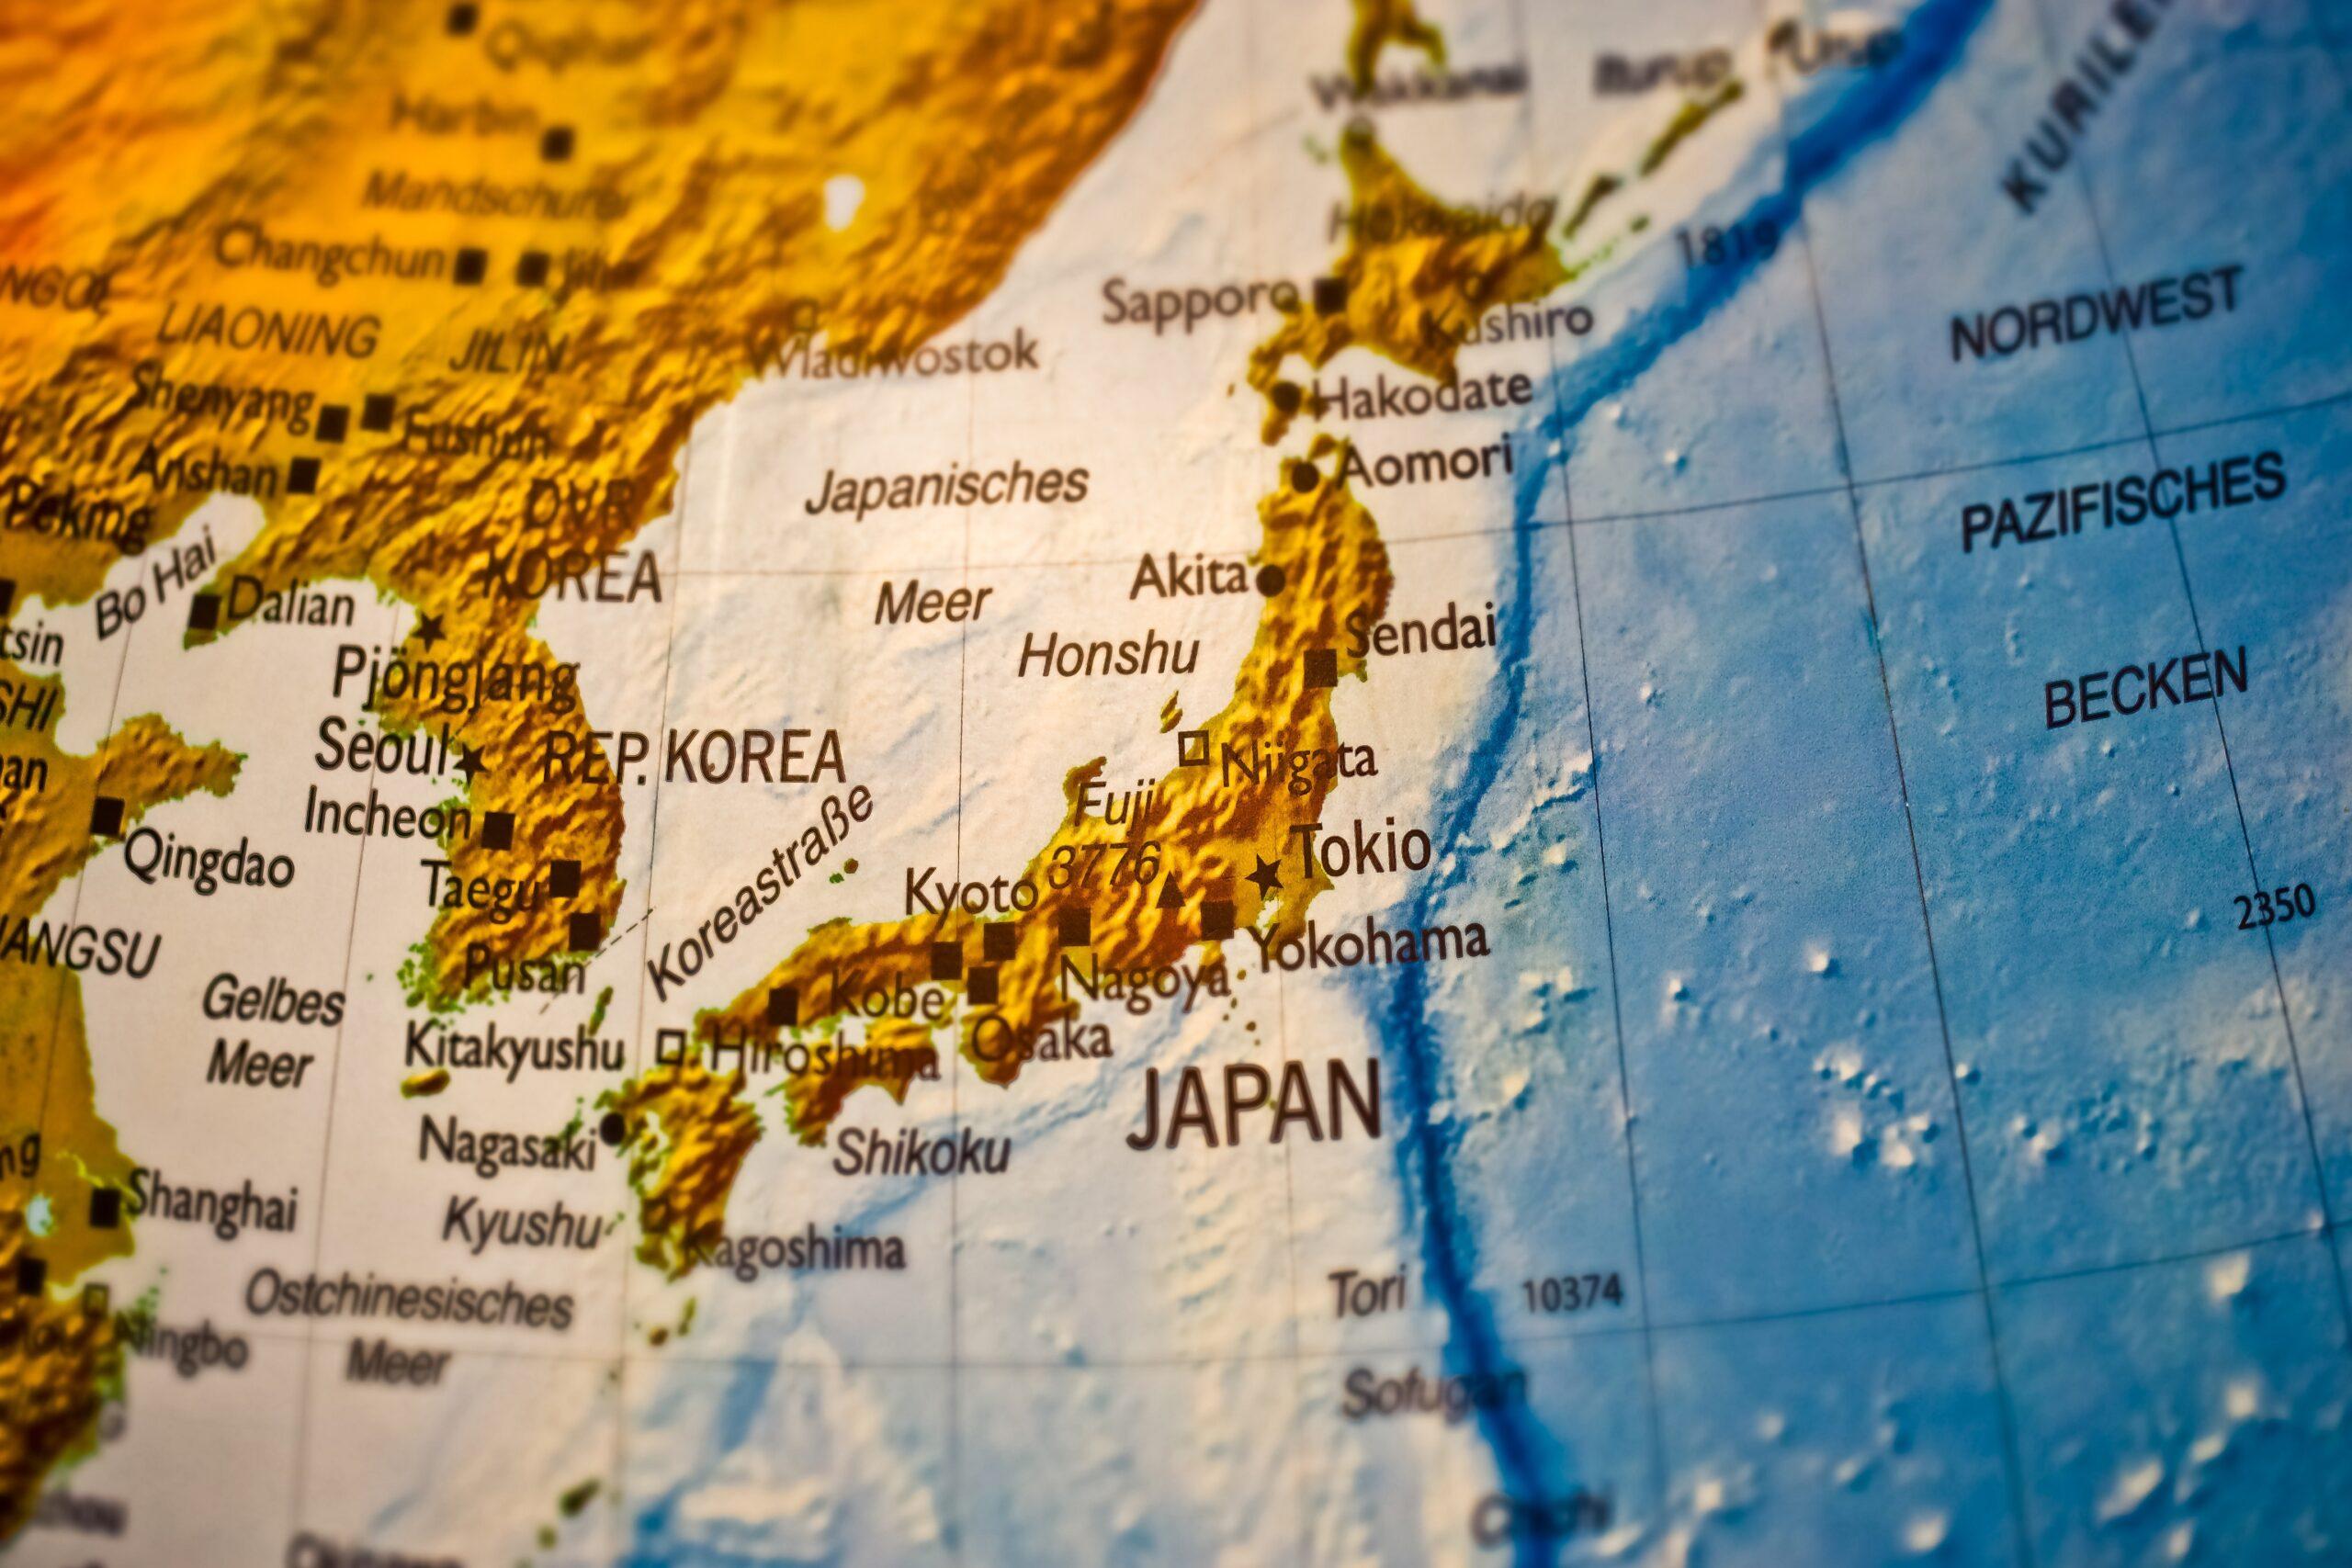 実は米国株より日本株の方が優位だった!ファンドを用いて徹底調査!